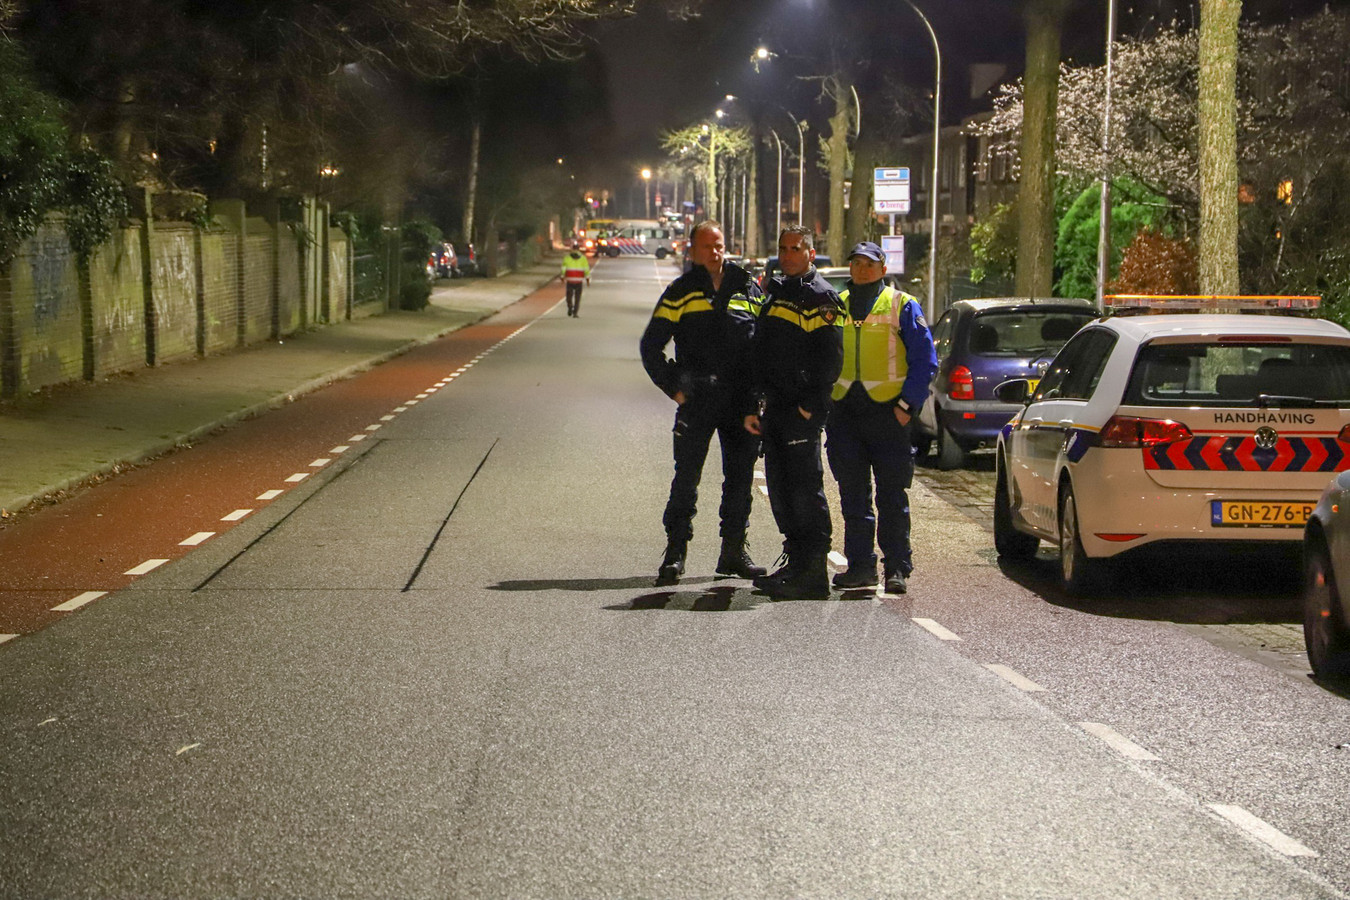 De politie heeft de Dobbelmannweg in Nijmegen afgesloten omdat er sprake zou zijn van een dreigende situatie bij de Servisch-orthodoxe kerk daar.